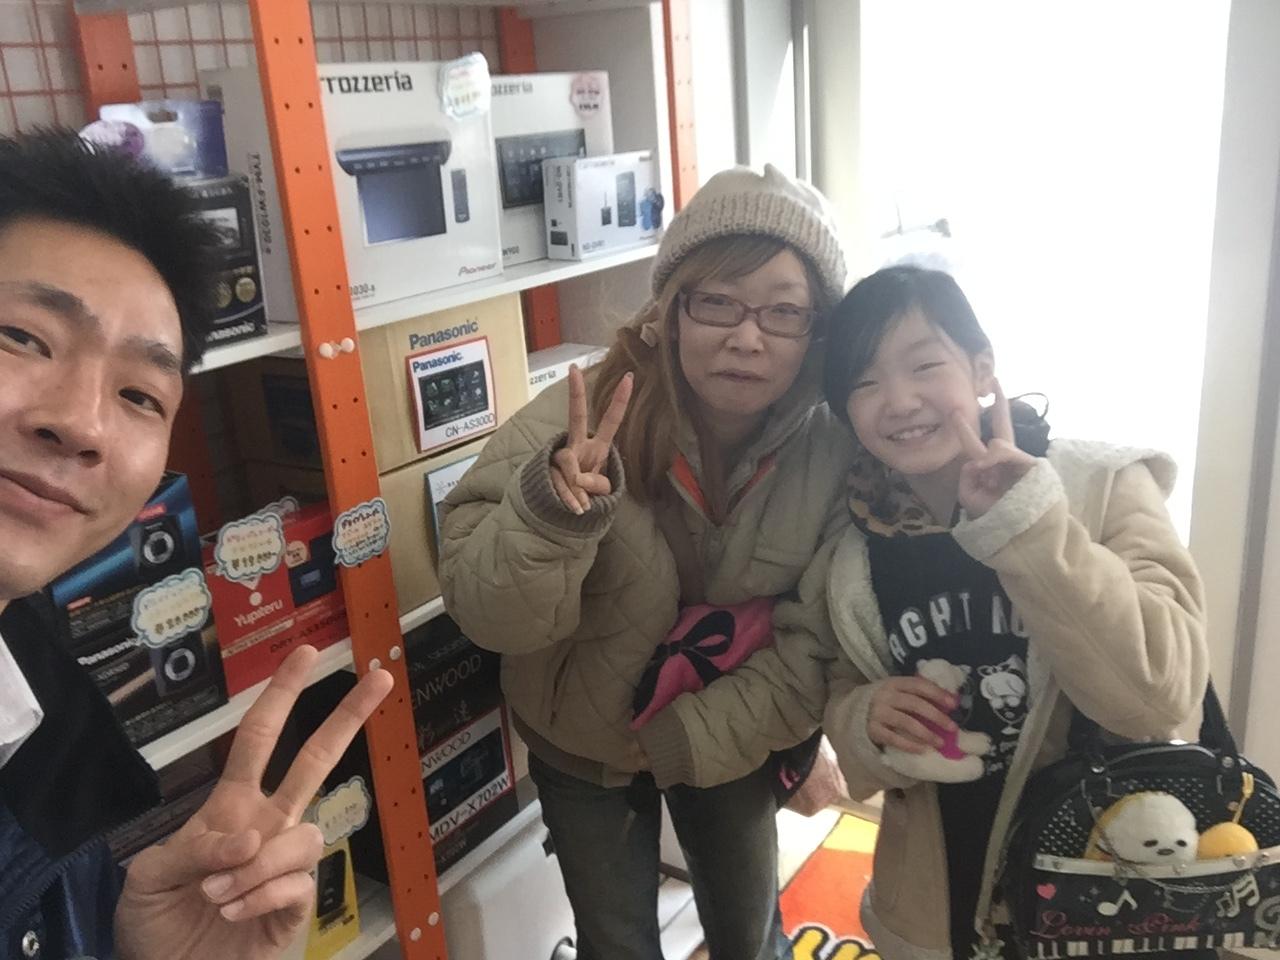 2月9日(木)トミーアウトレット♪グッチーブログ☆エスティマK様ご成約!!ルークスY様納車!!新在続々入荷!!_b0127002_20253710.jpg